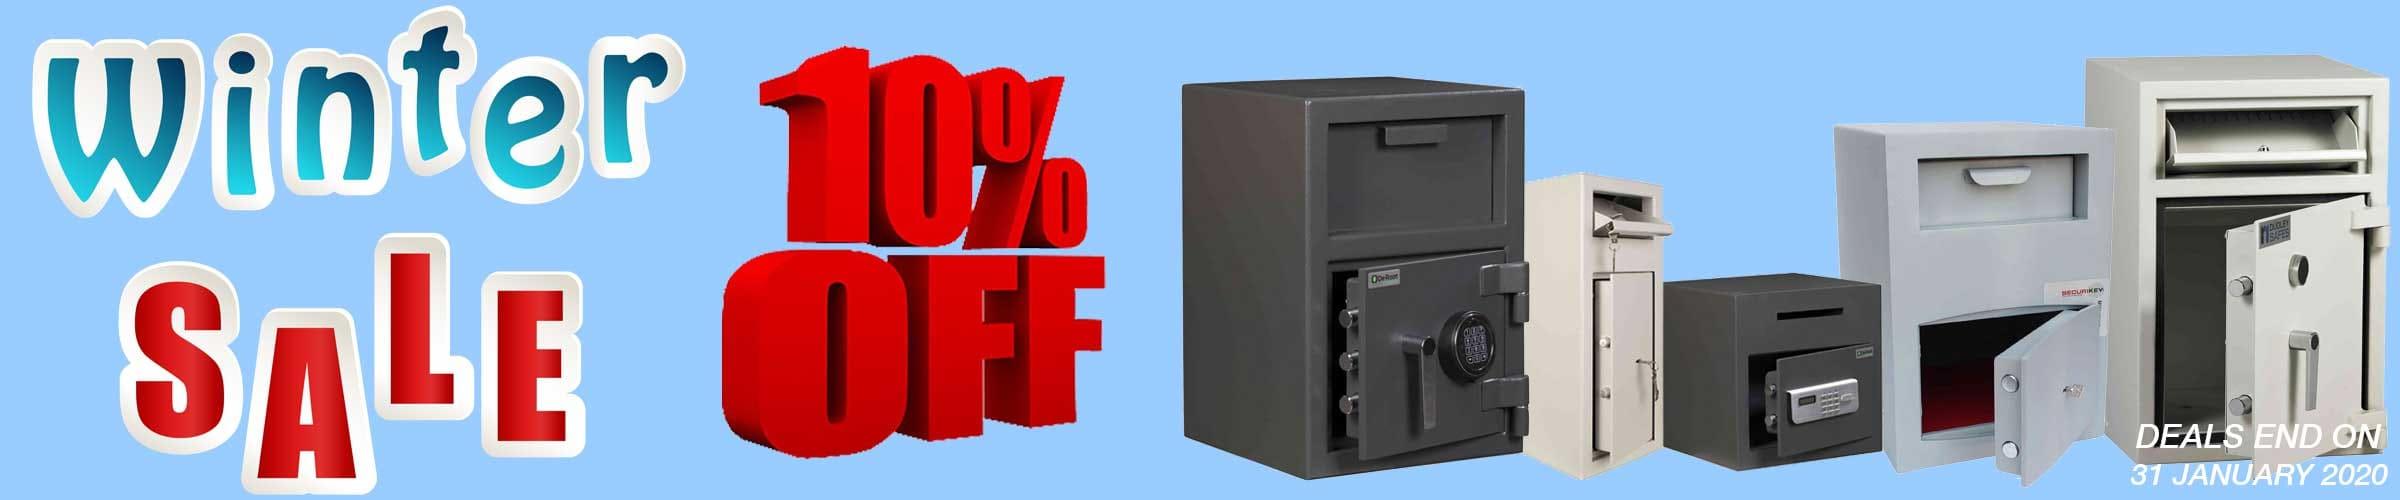 Retail Deposit Safes Sale